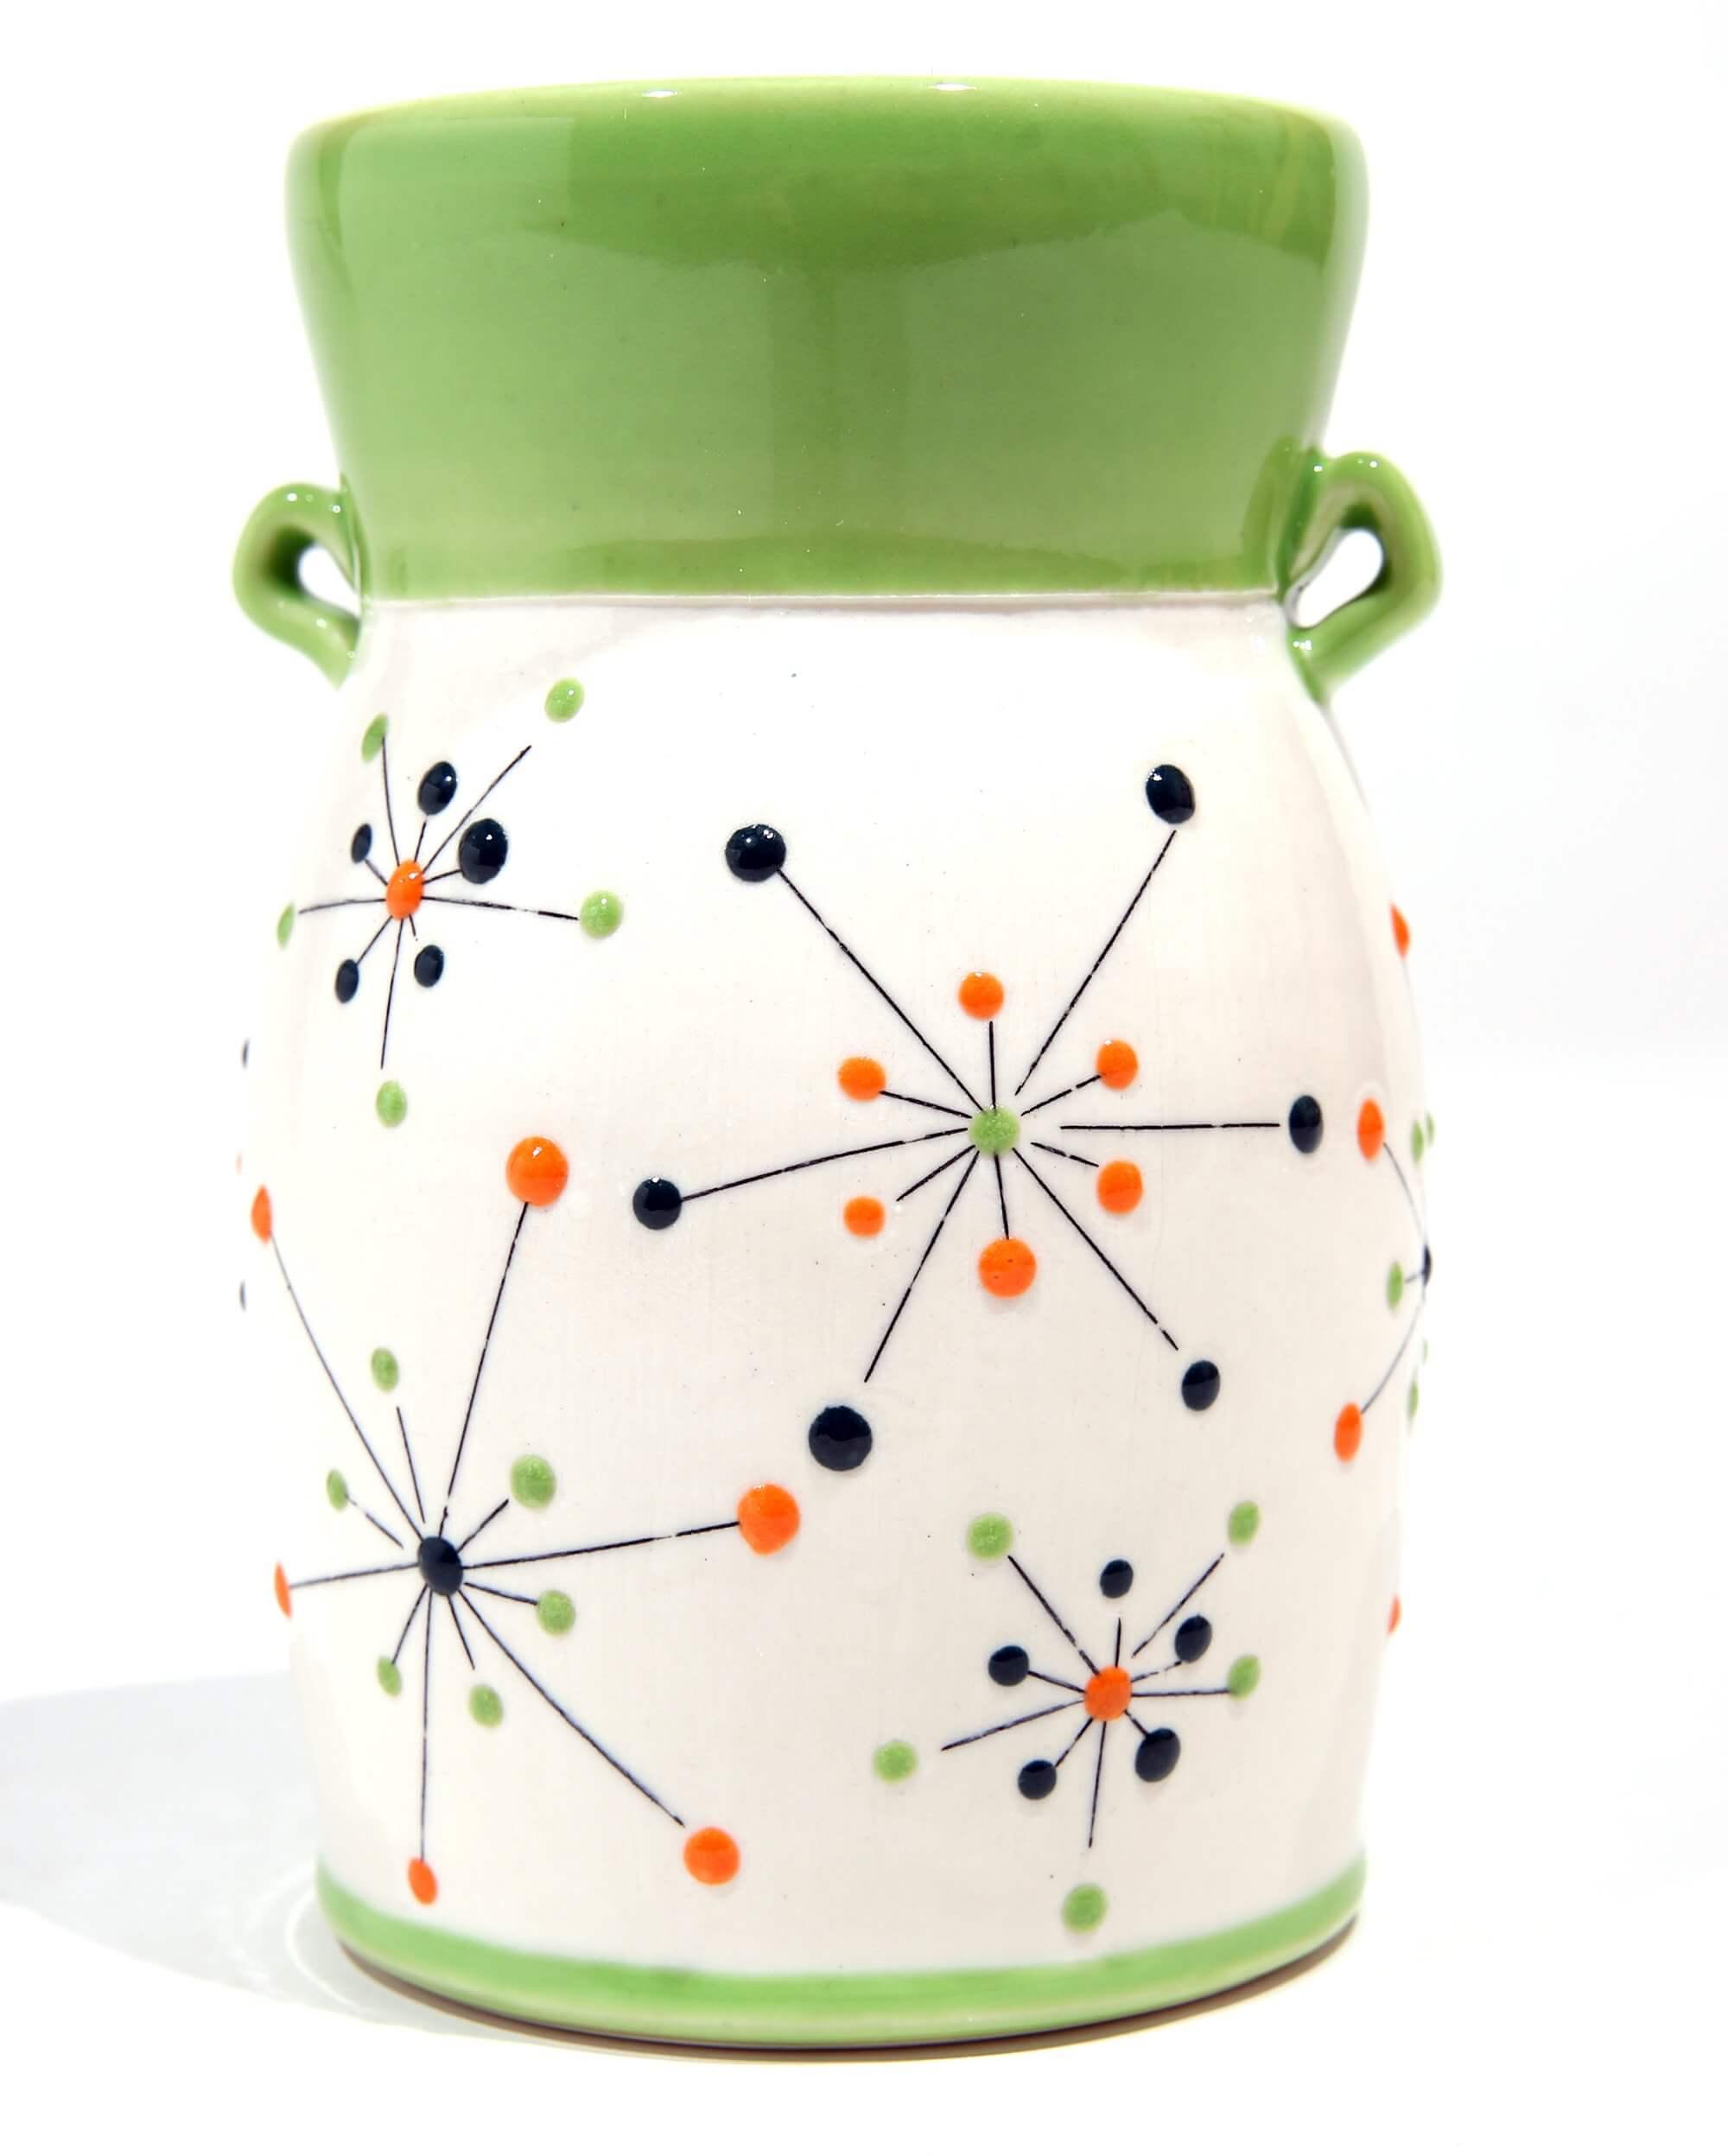 Image of Green starburst vase